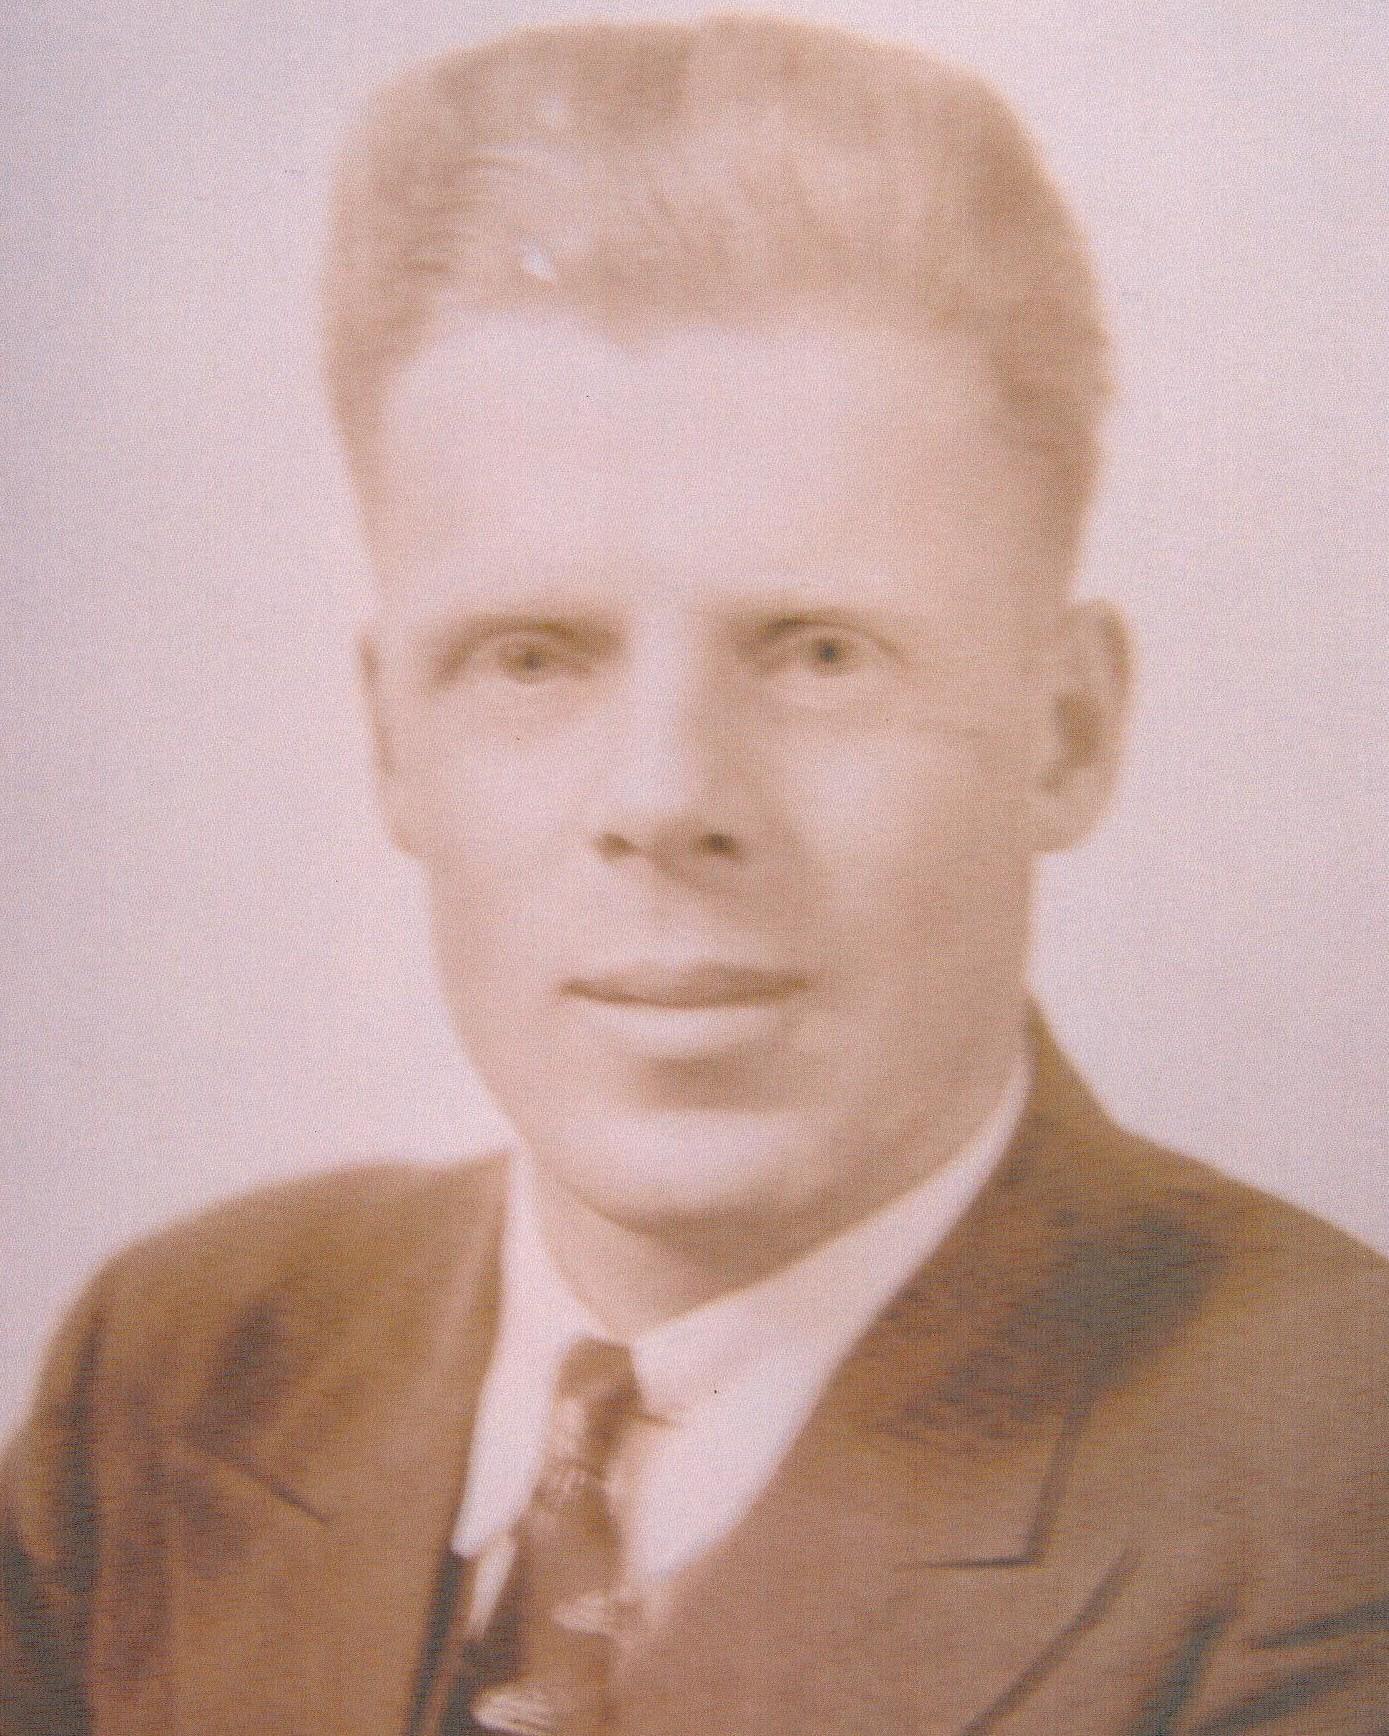 Inspector Robert Daniel Rossier | Vermont Highway Patrol, Vermont